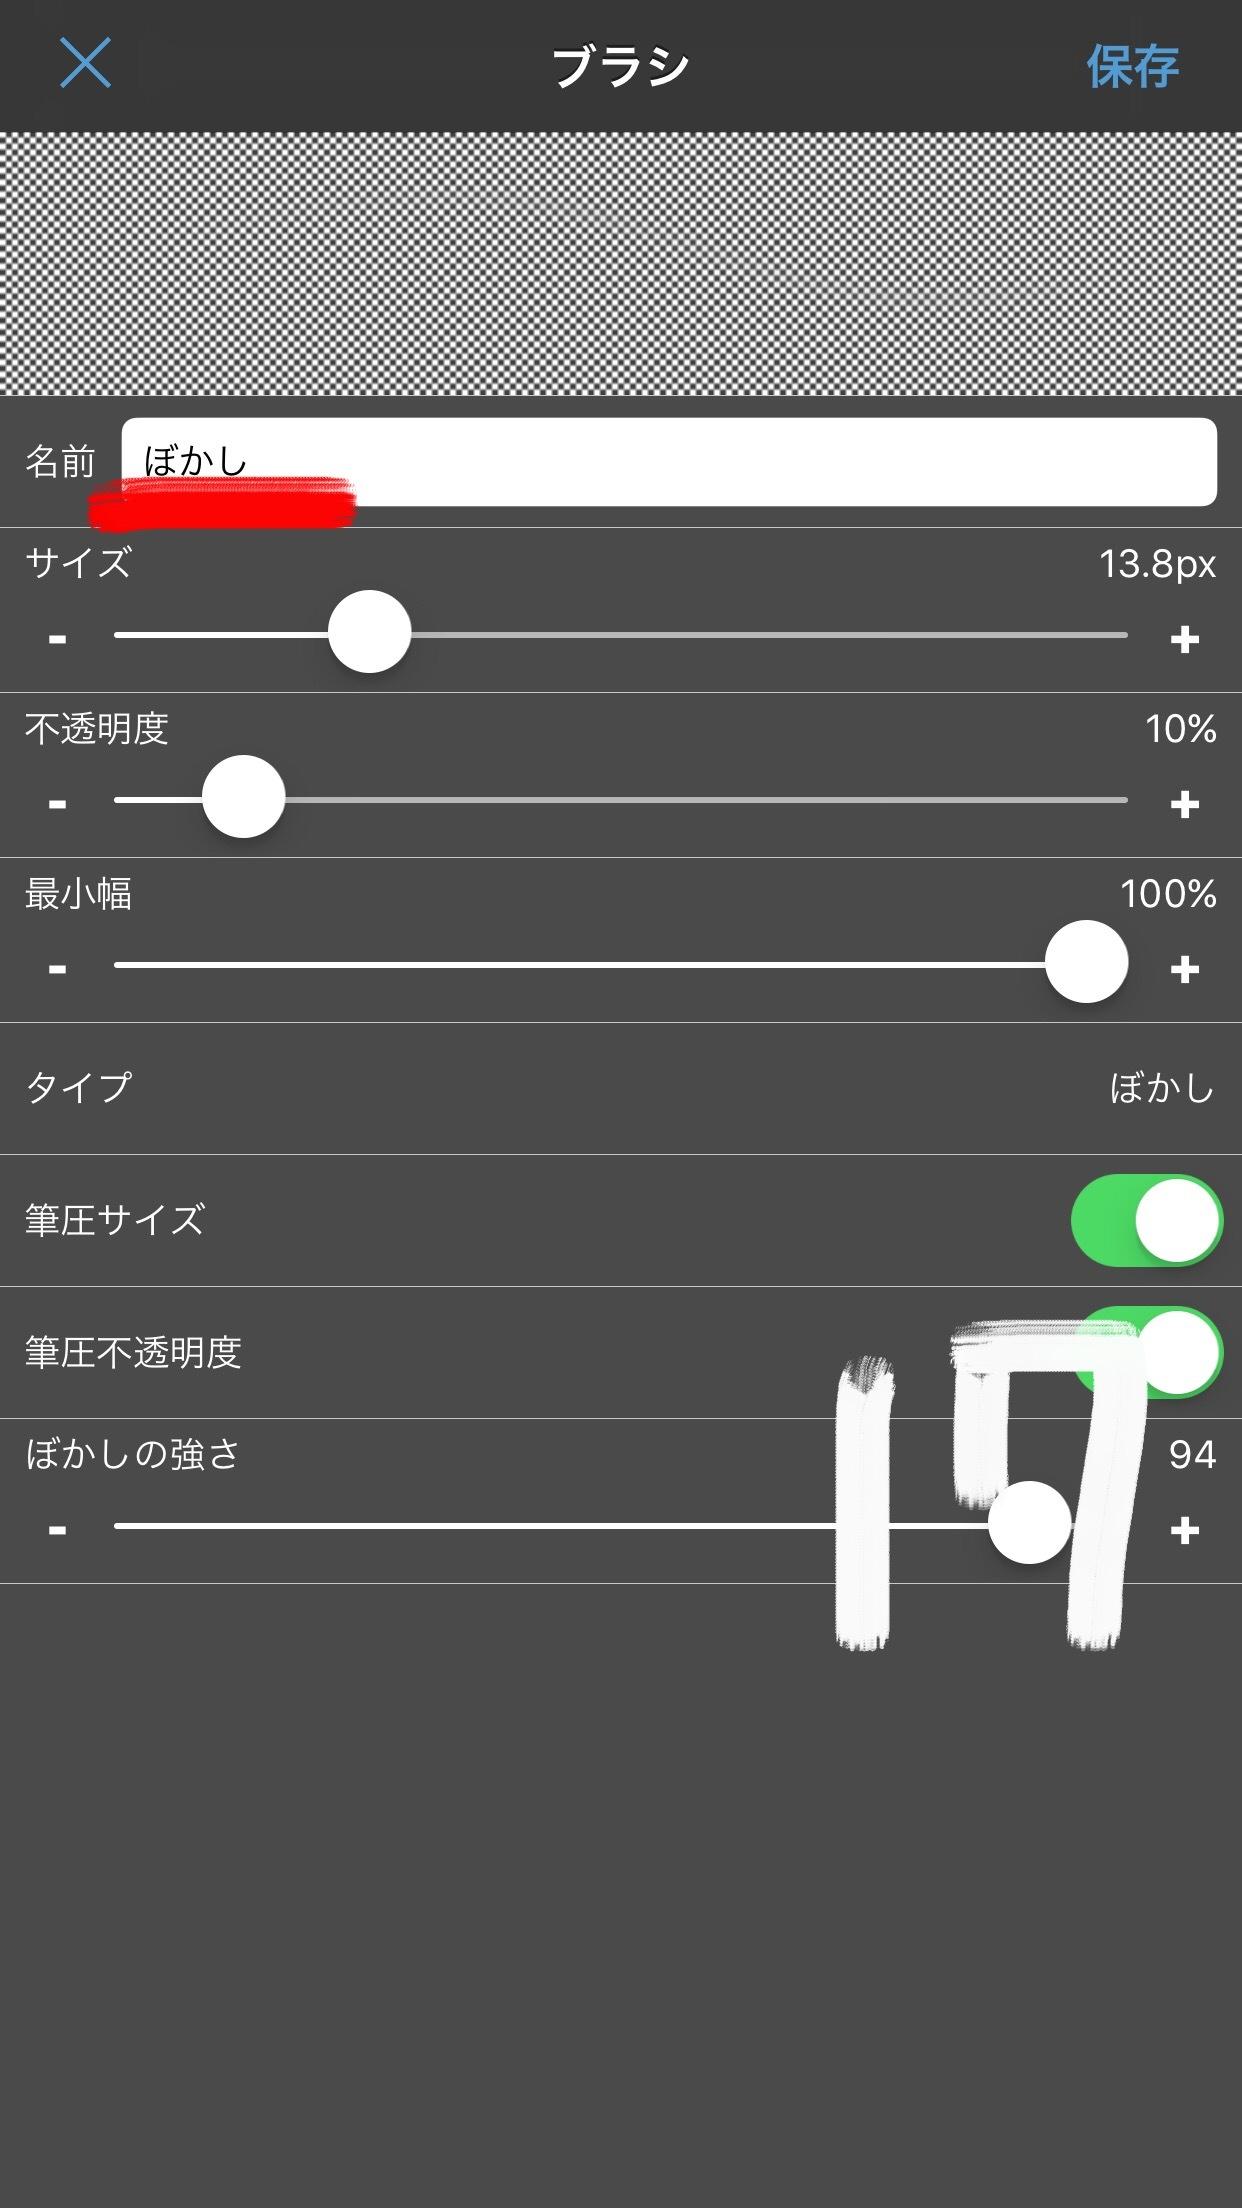 20170117154923f78.jpg